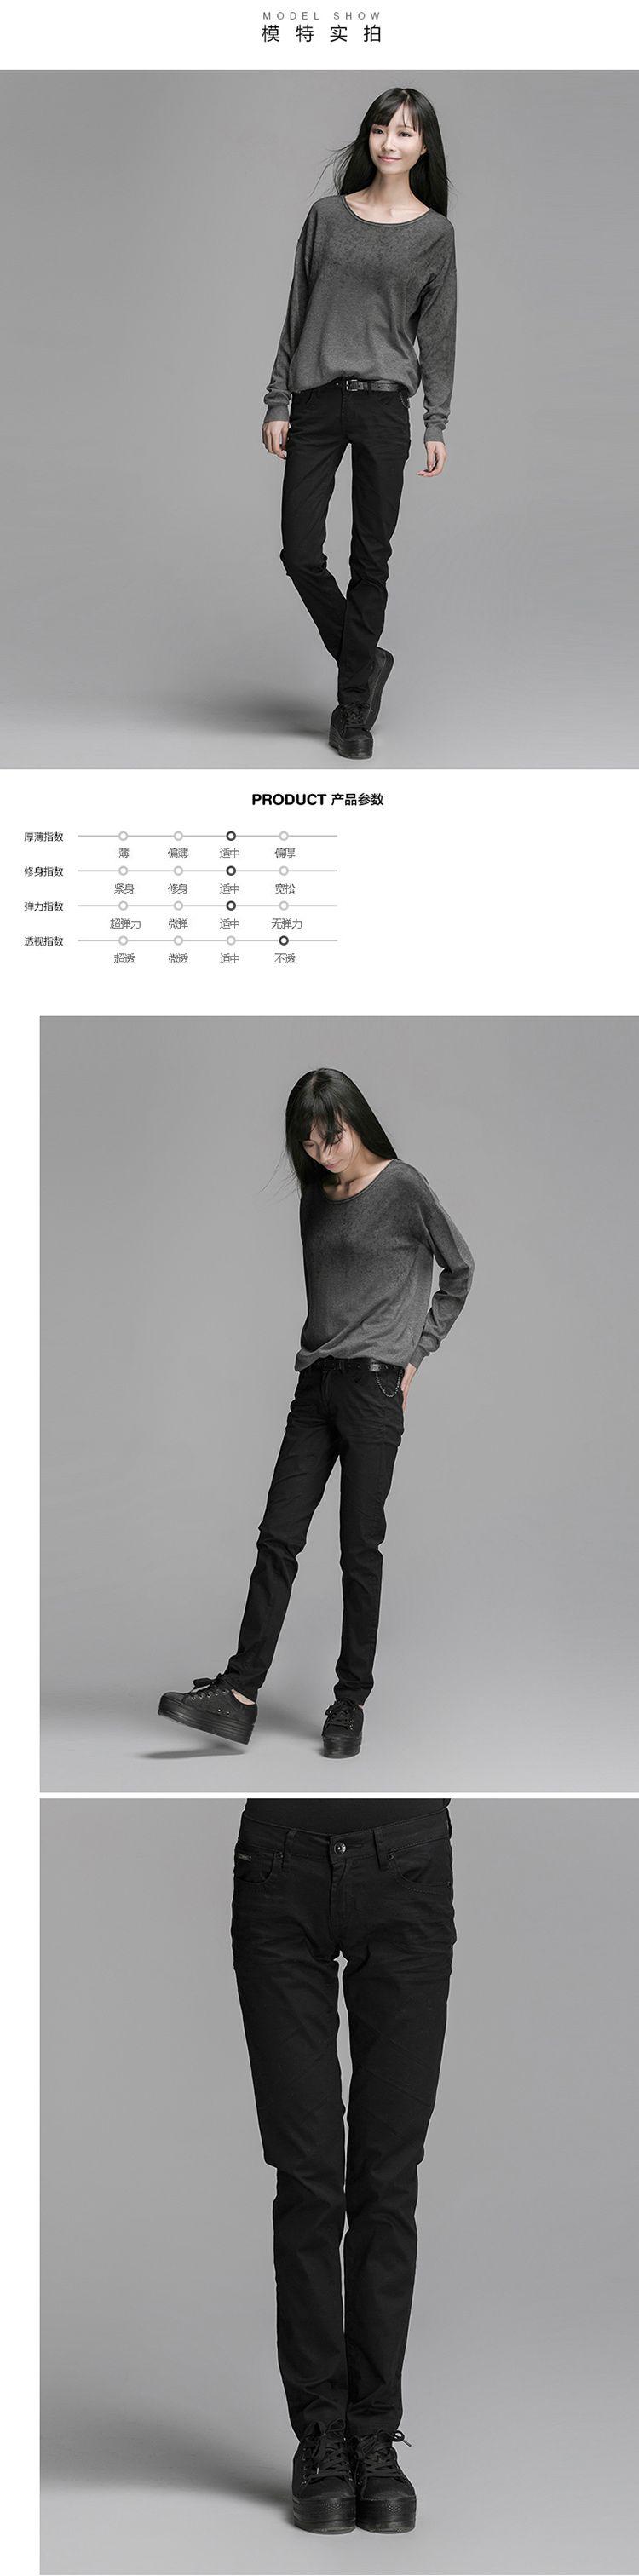 商品名称: 纯色简约休闲长裤 商品分类: 女式休闲裤 产地: 中国 材质